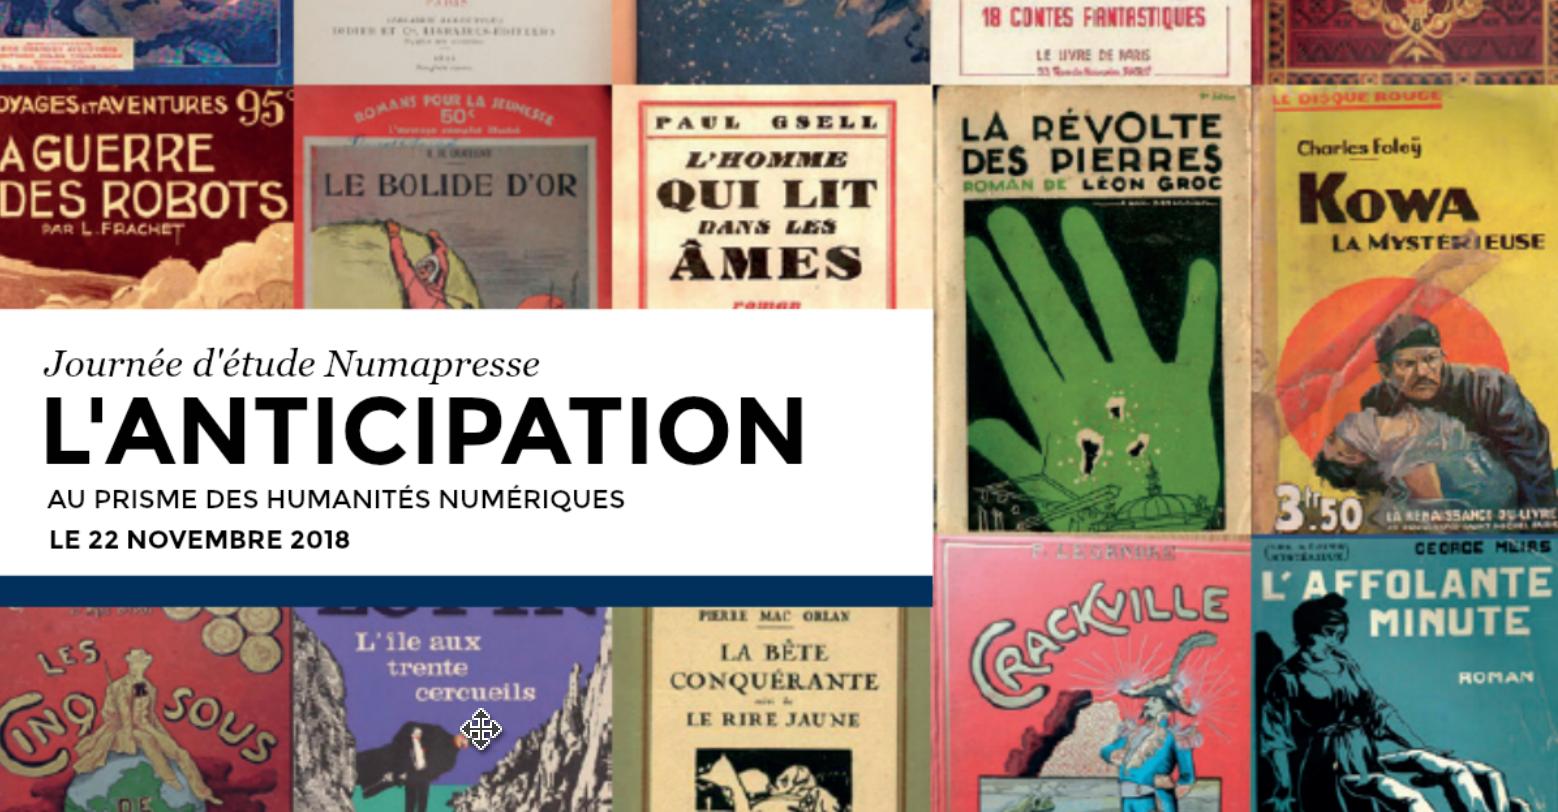 Journée d'étude Numapresse sur le récit d'anticipation (22 novembre 2018, Maison de la recherche Sorbonne)